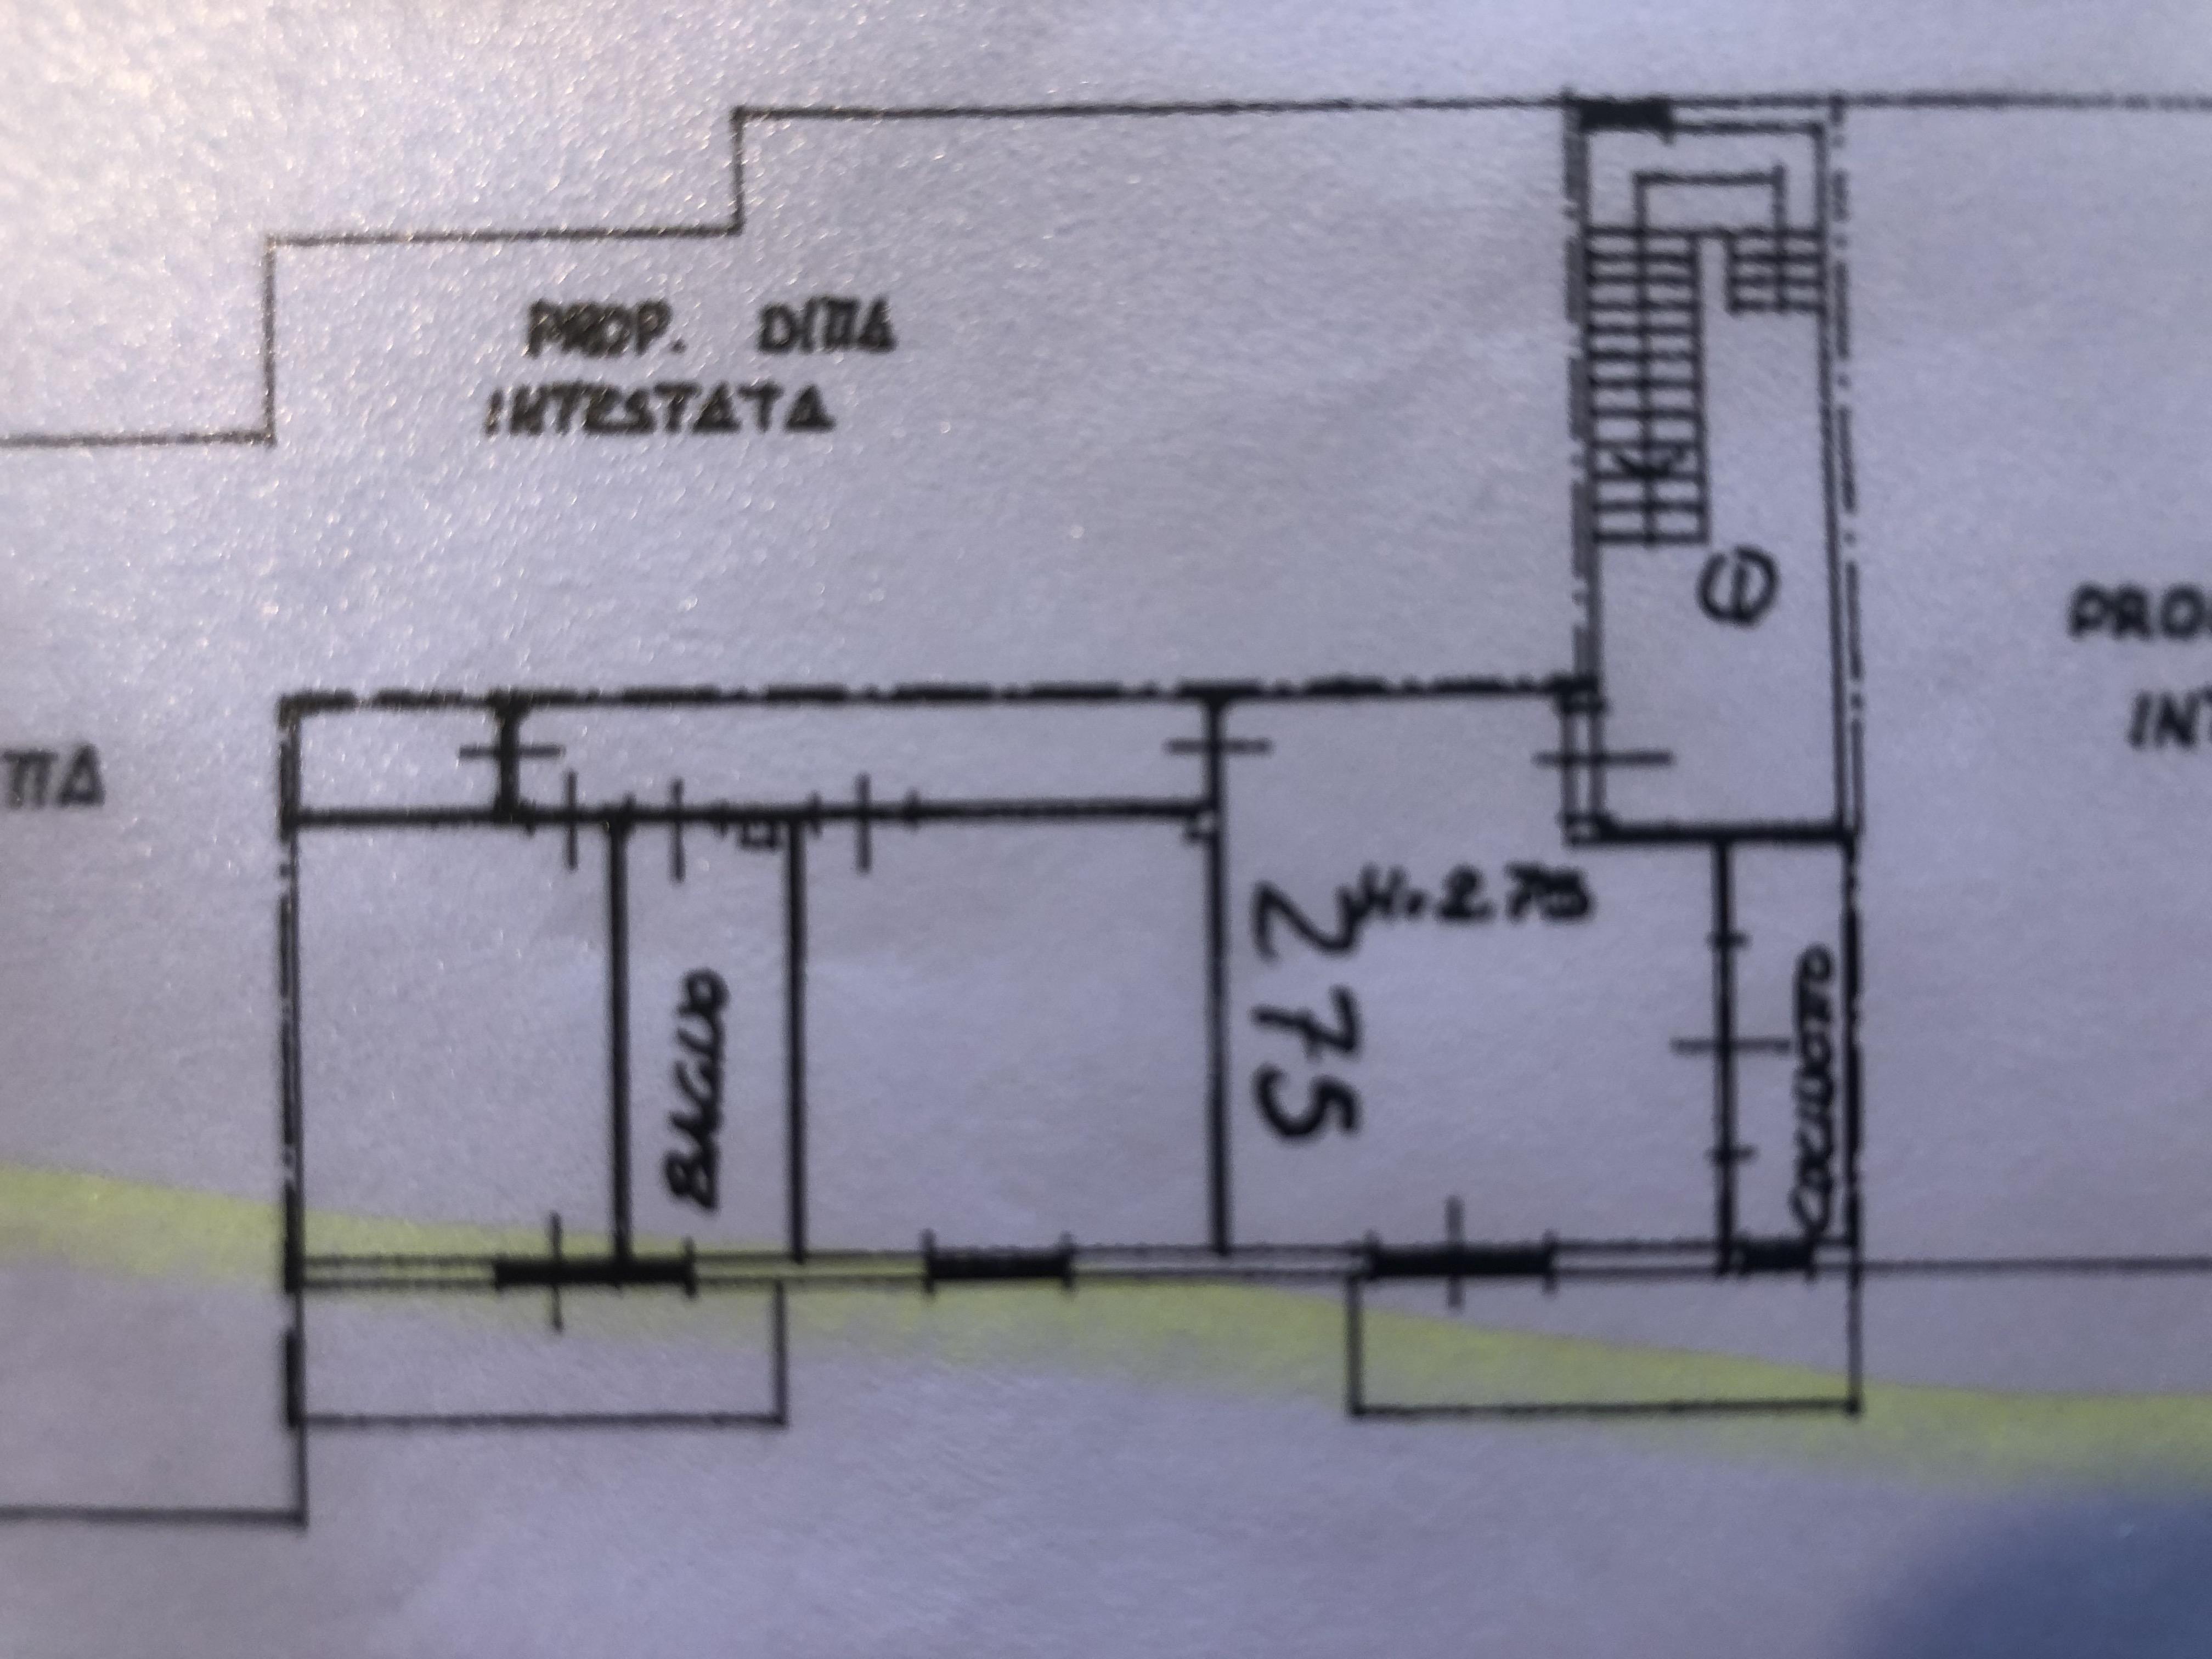 Appartamento in vendita, rif. F/0407 (Planimetria 1/2)